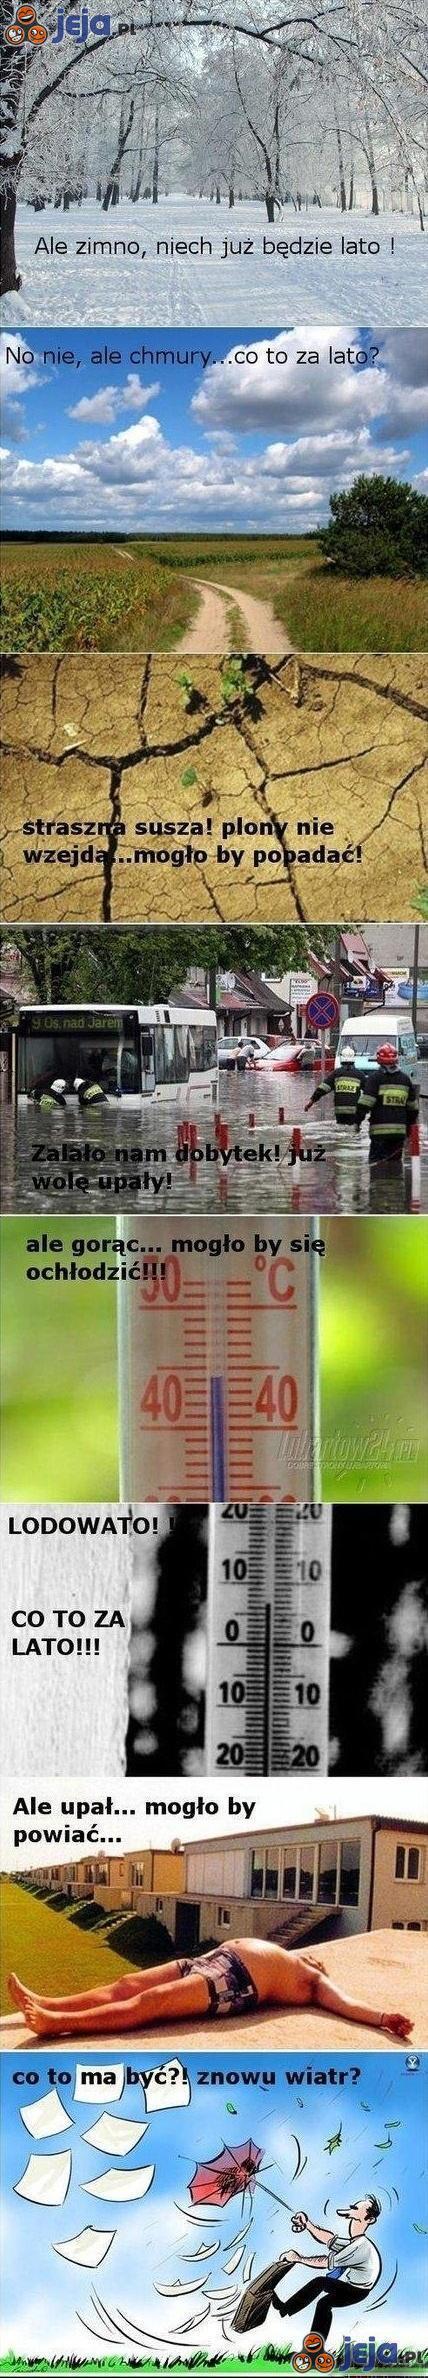 Pogoda - Nie dogodzisz...